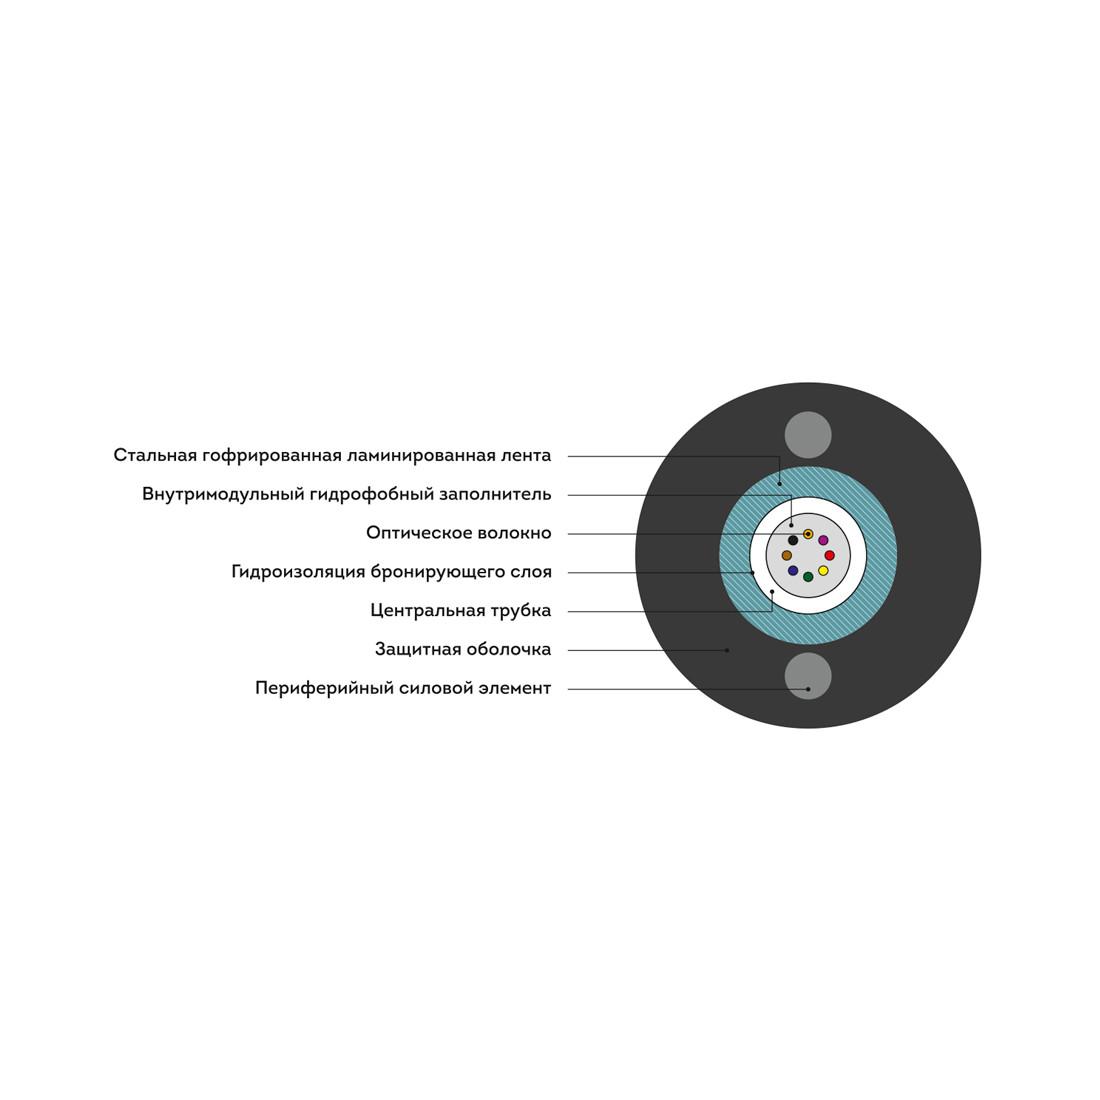 Кабель оптоволоконный ИКСЛ-Т-А8-2,7 кН